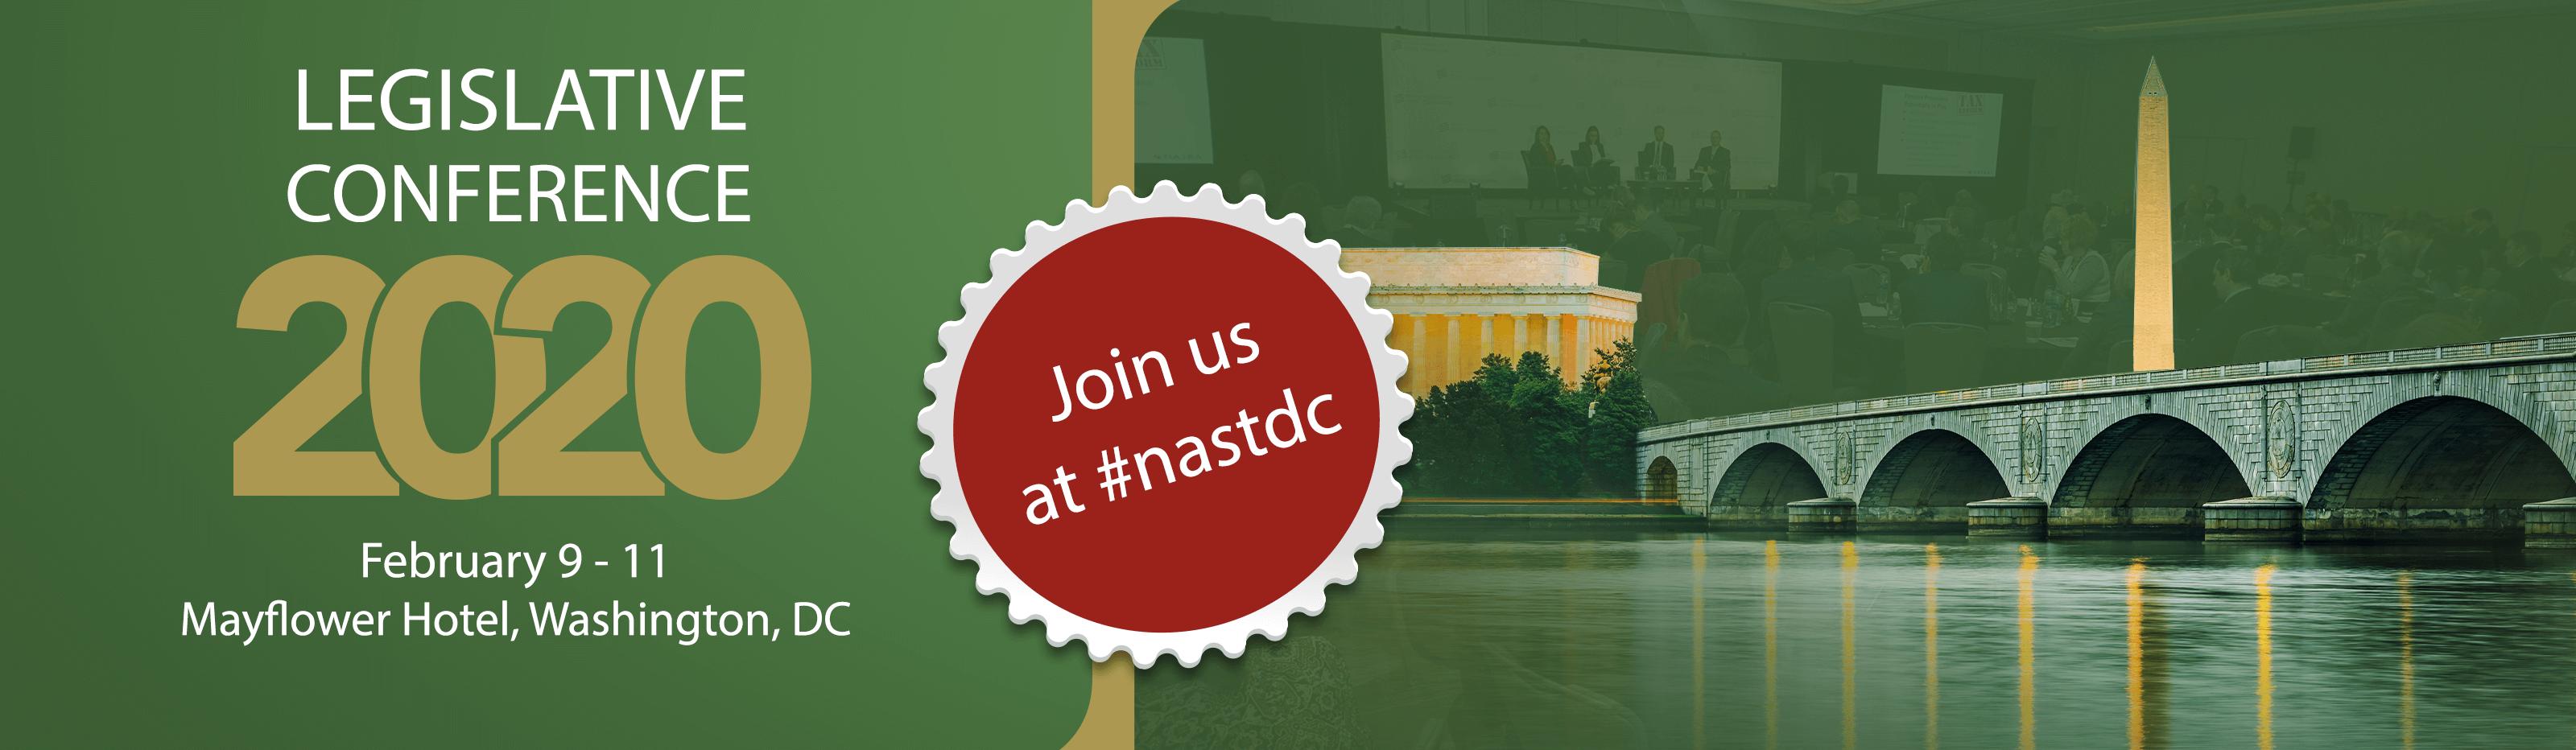 2020 NAST Legislative Conference. Feb. 9–11. Washington, D.C. Online registration ends Jan 27.